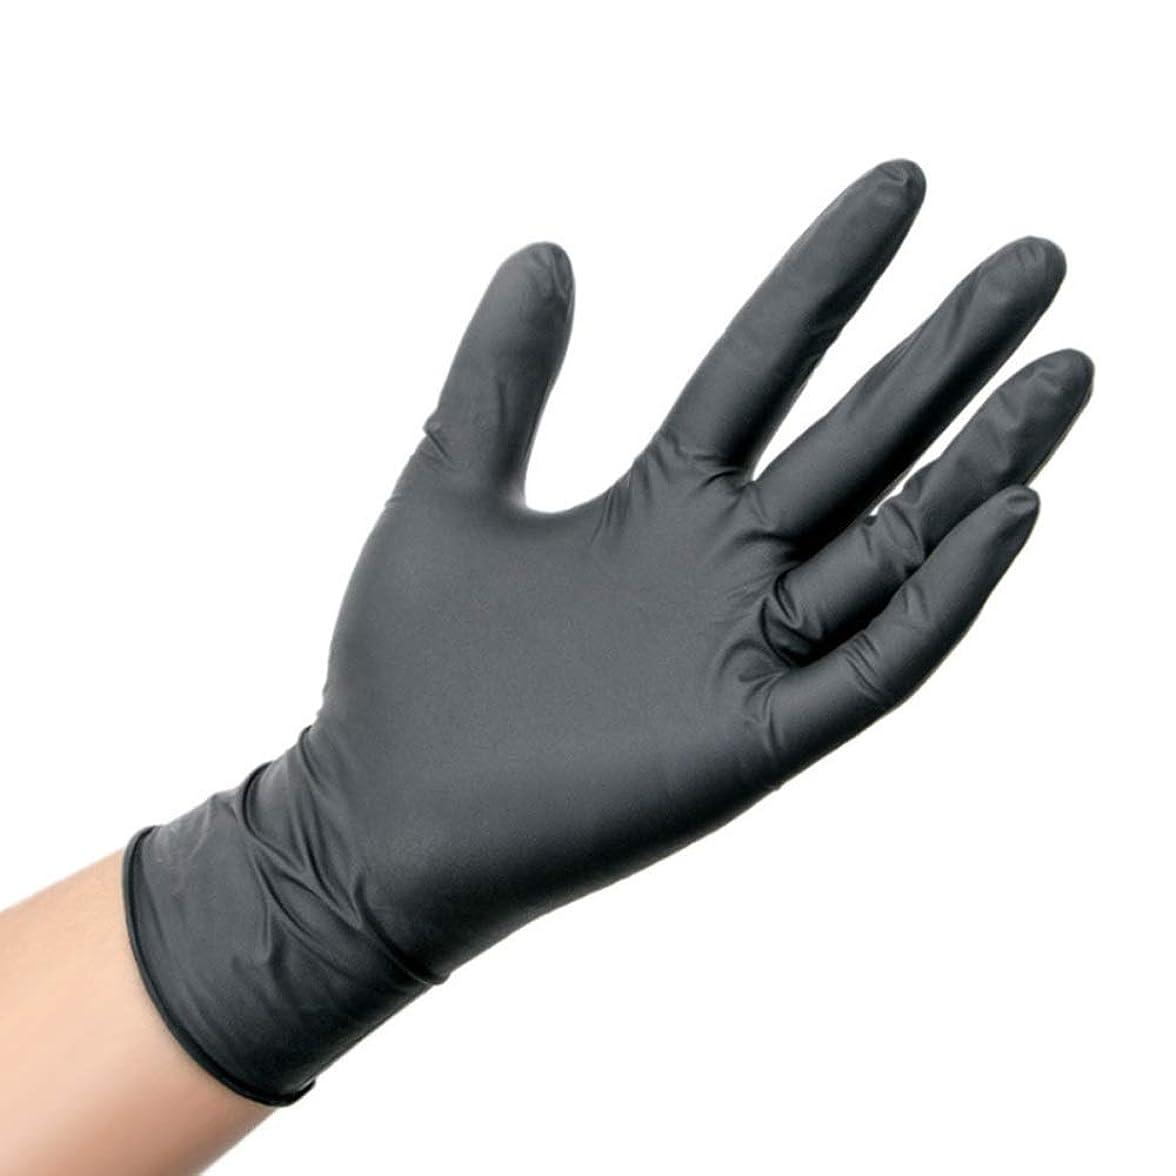 ウサギ数学者皿肥厚した抗酸とアルカリの帯電防止保護手袋使い捨て工業用ニトリルゴム手袋 YANW (色 : ブラック, サイズ さいず : M m)